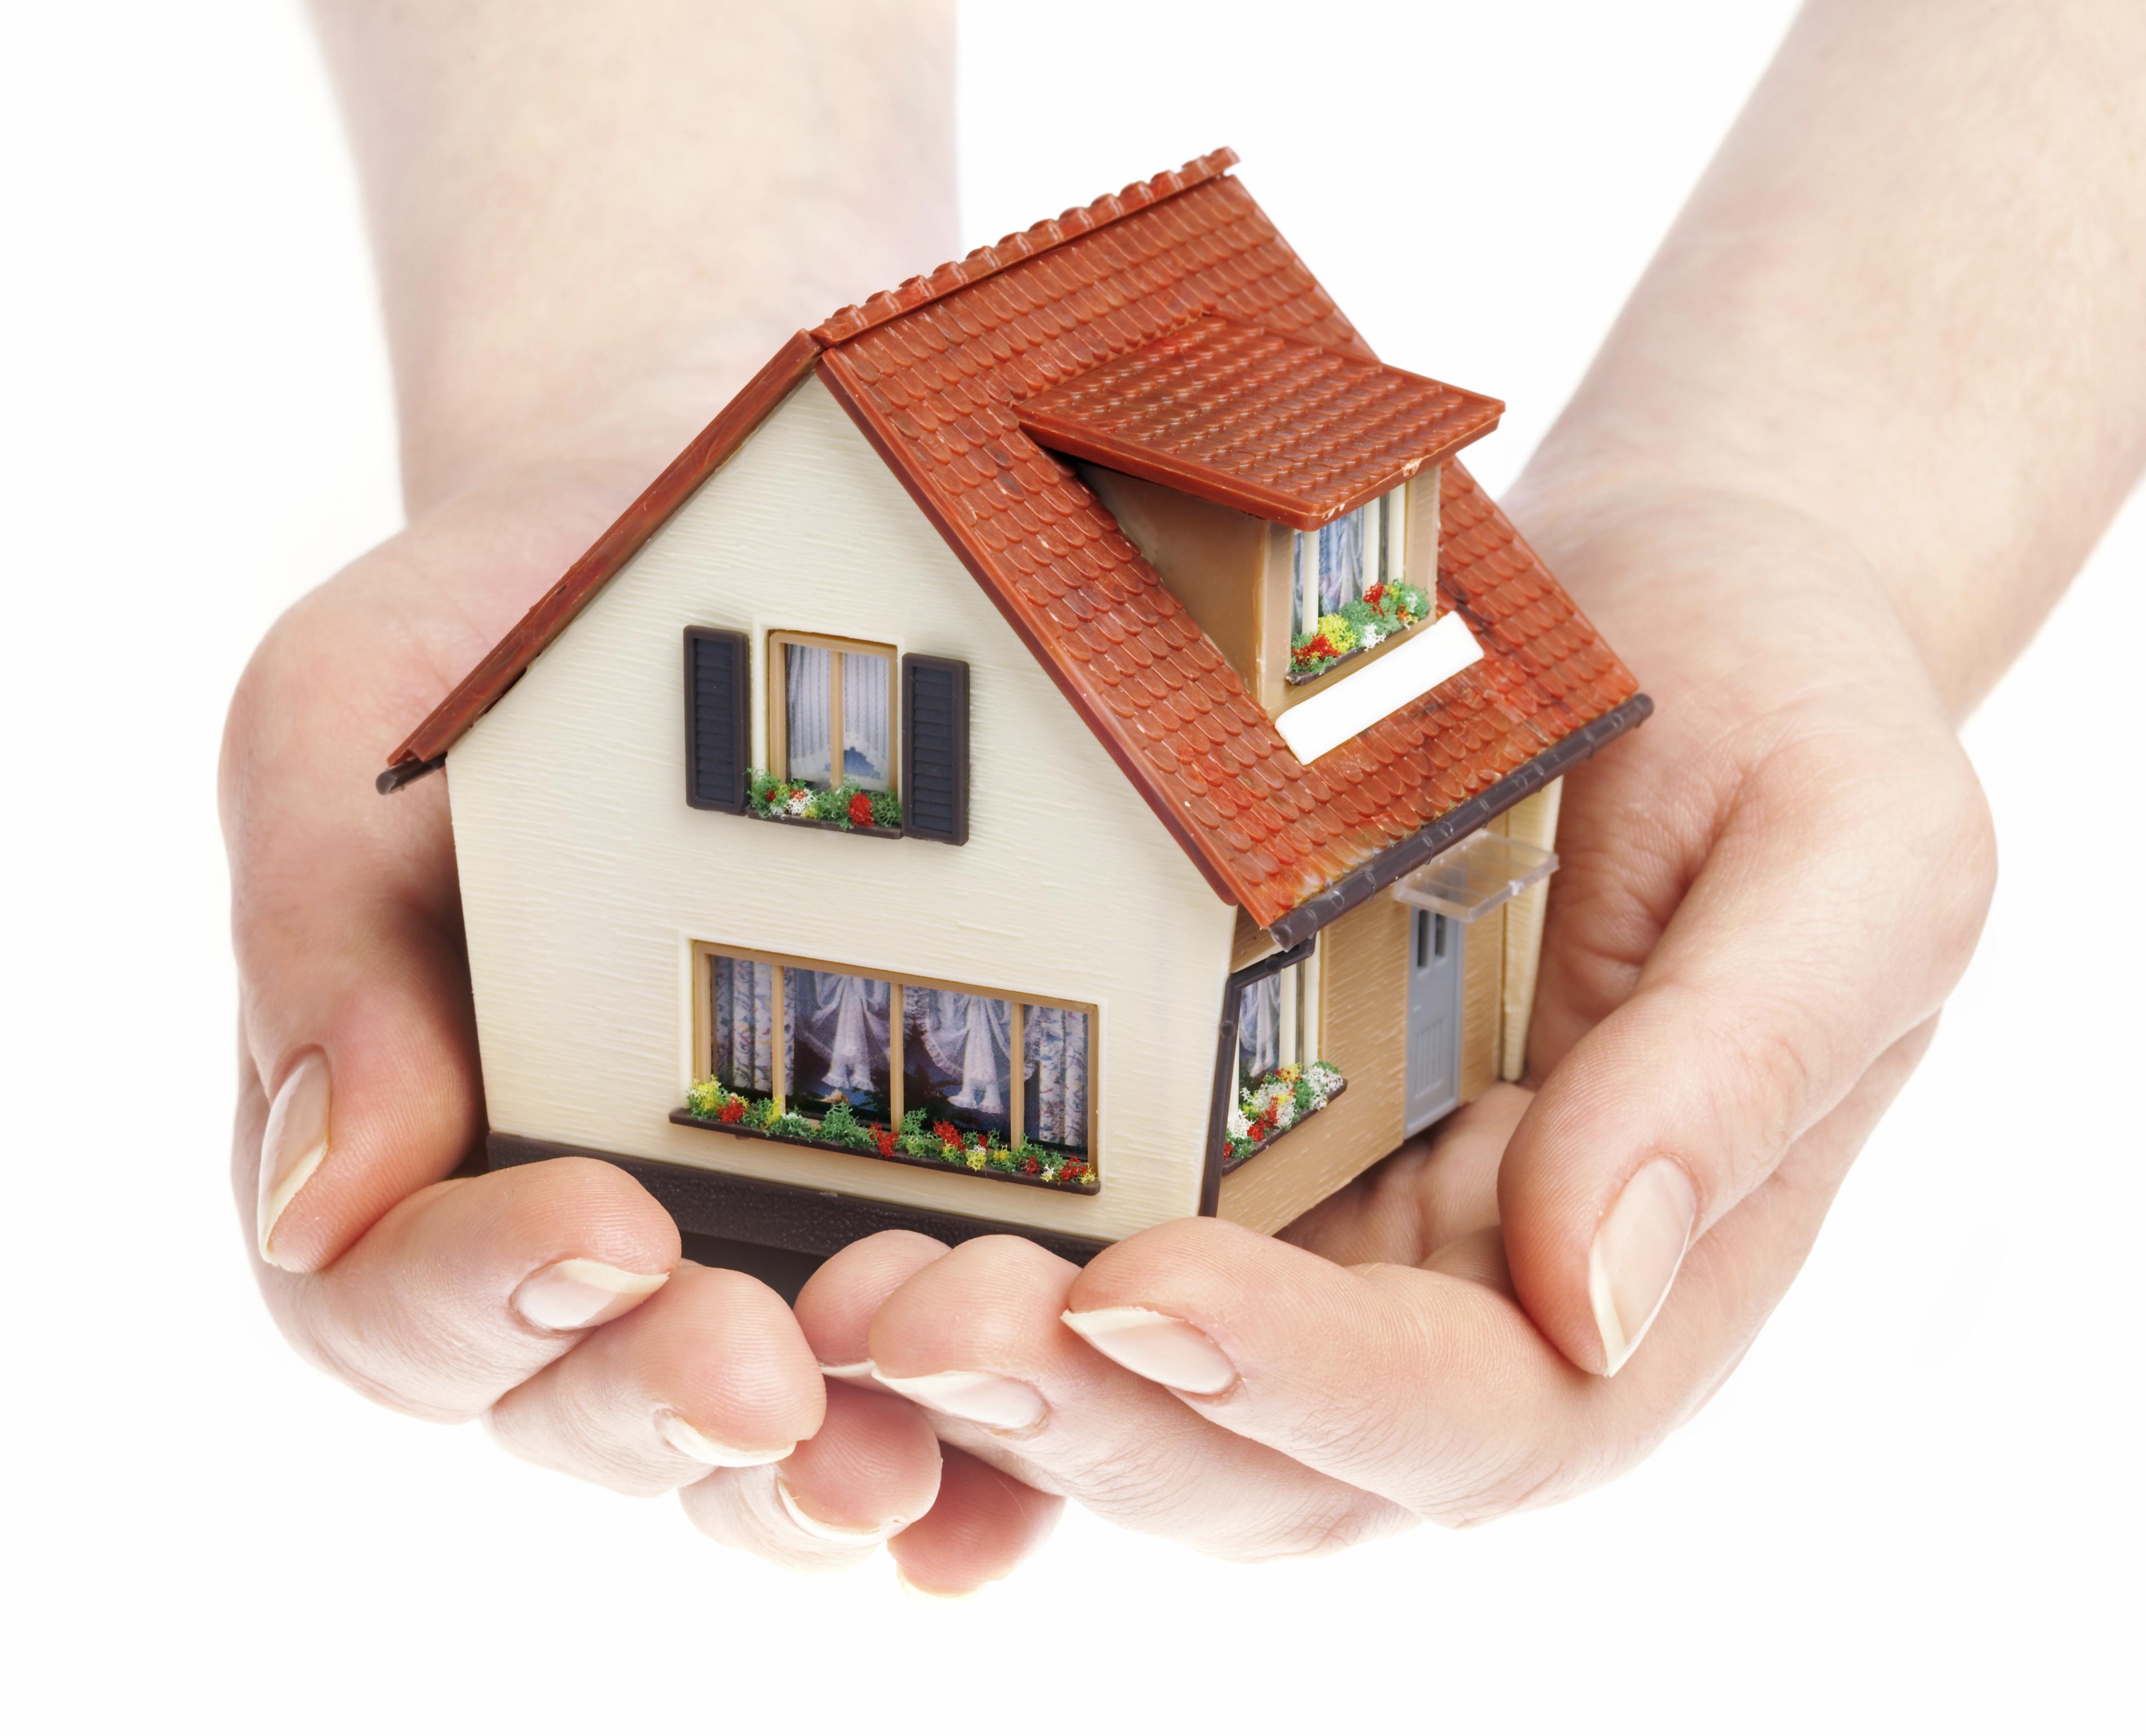 Продажа квартиры и ее составляющих регулирование в украине